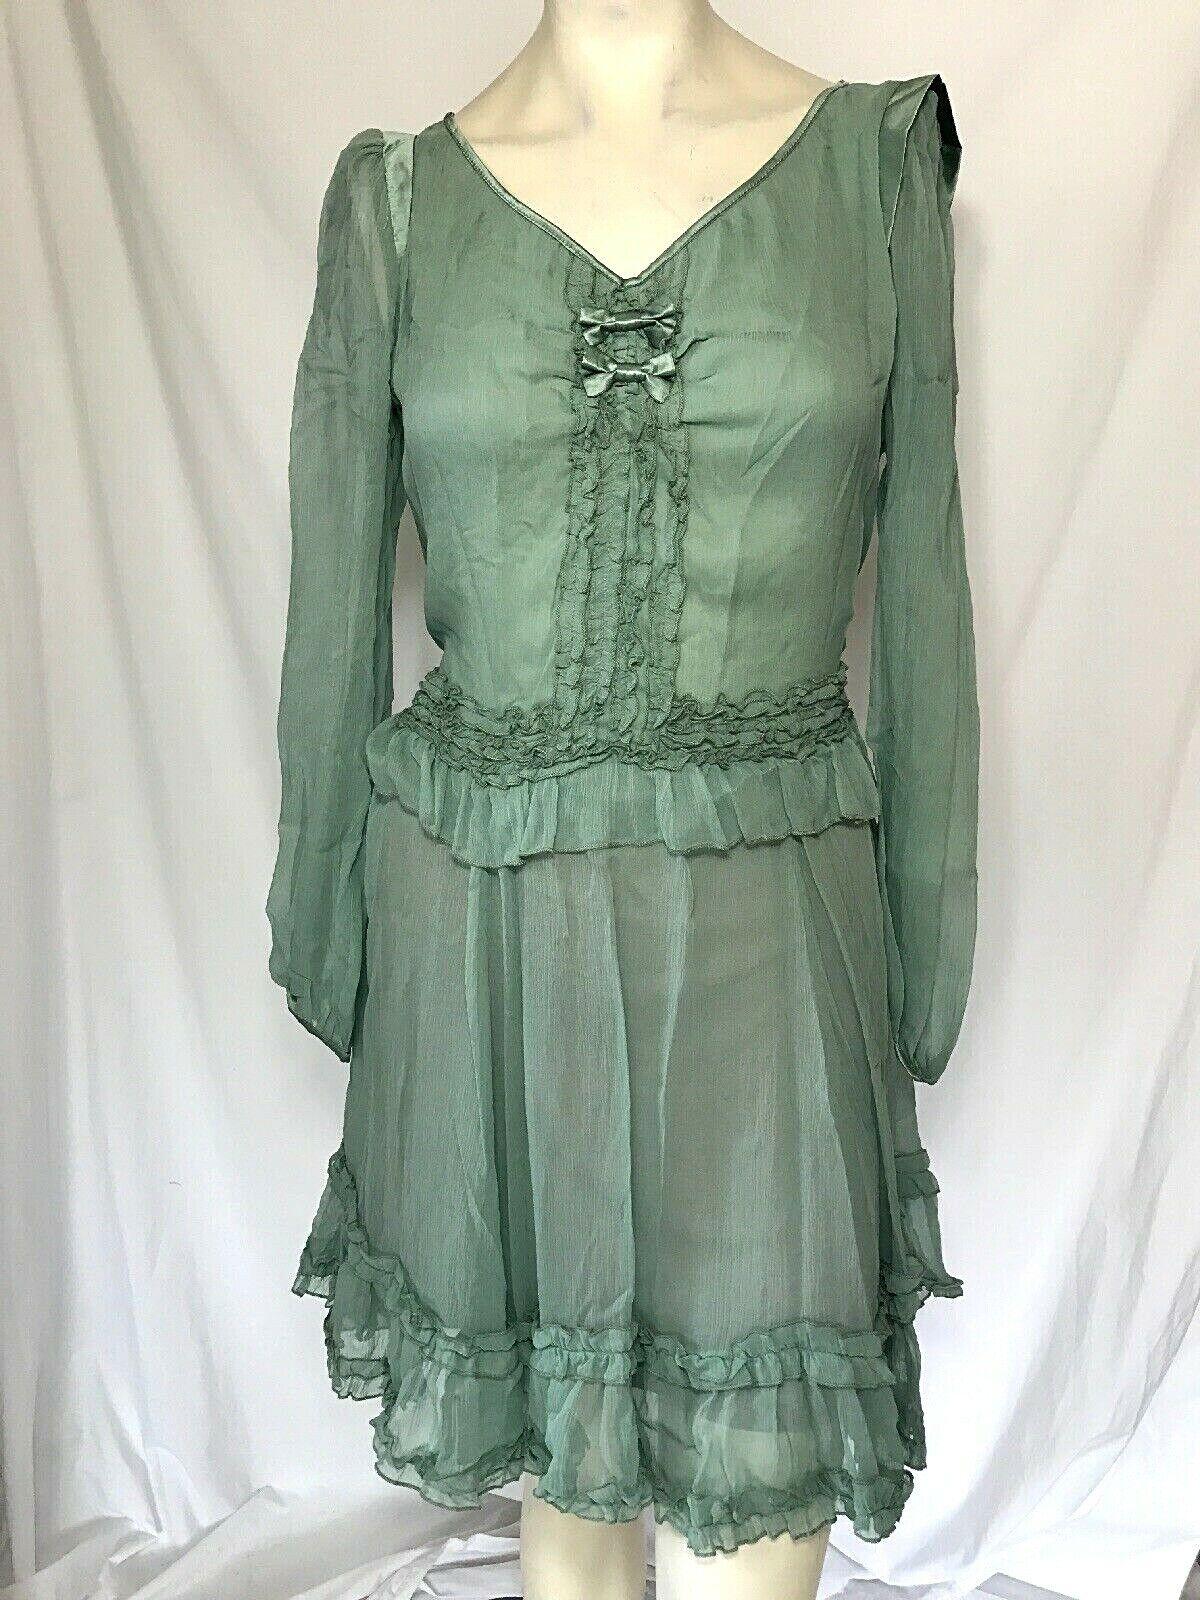 Vestido Para Mujer de Moda verde Elena  perseil  Hay más marcas de productos de alta calidad.